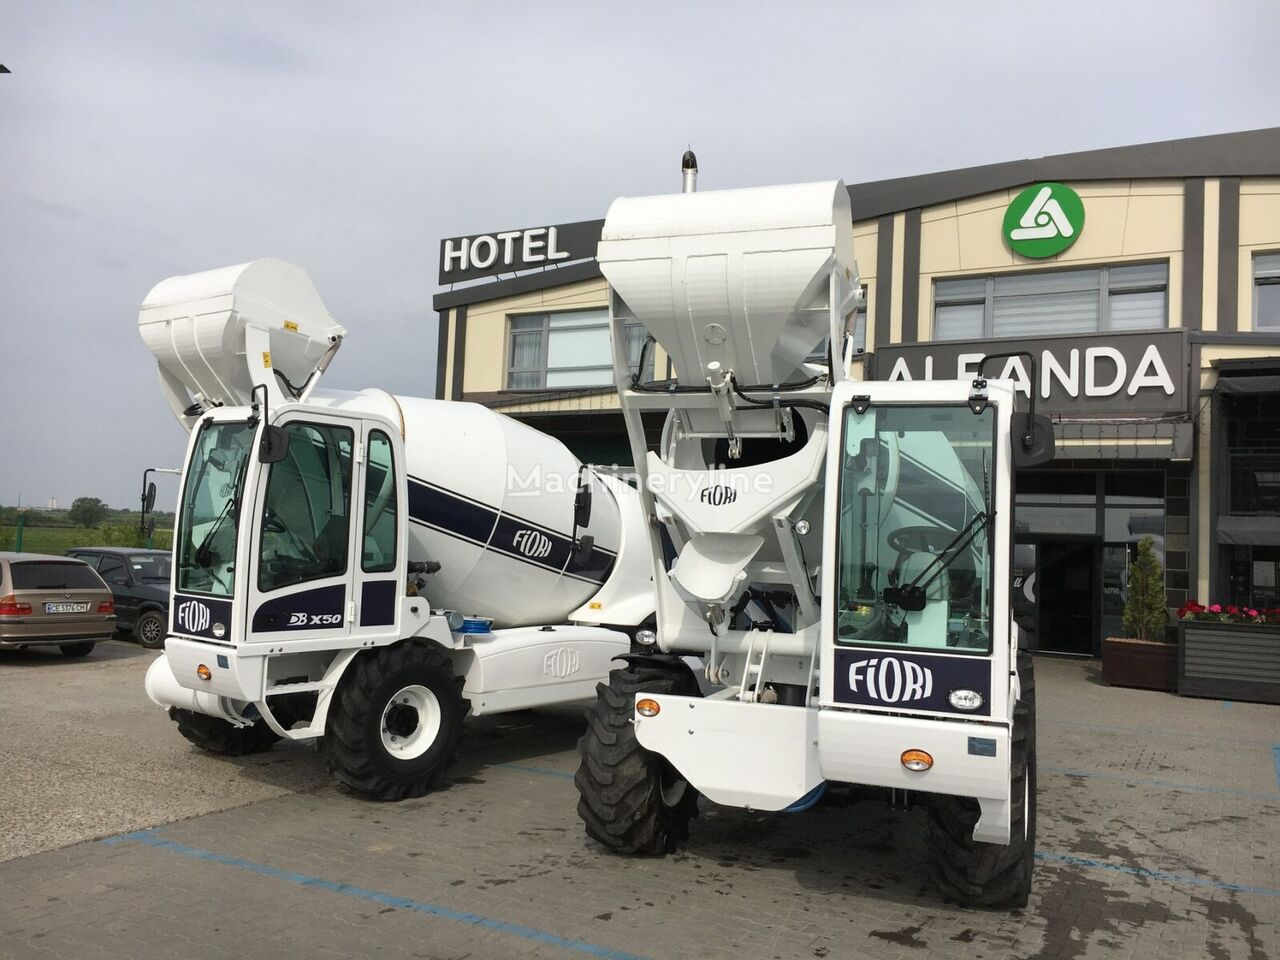 FIORI DB X50 camión hormigonera nueva